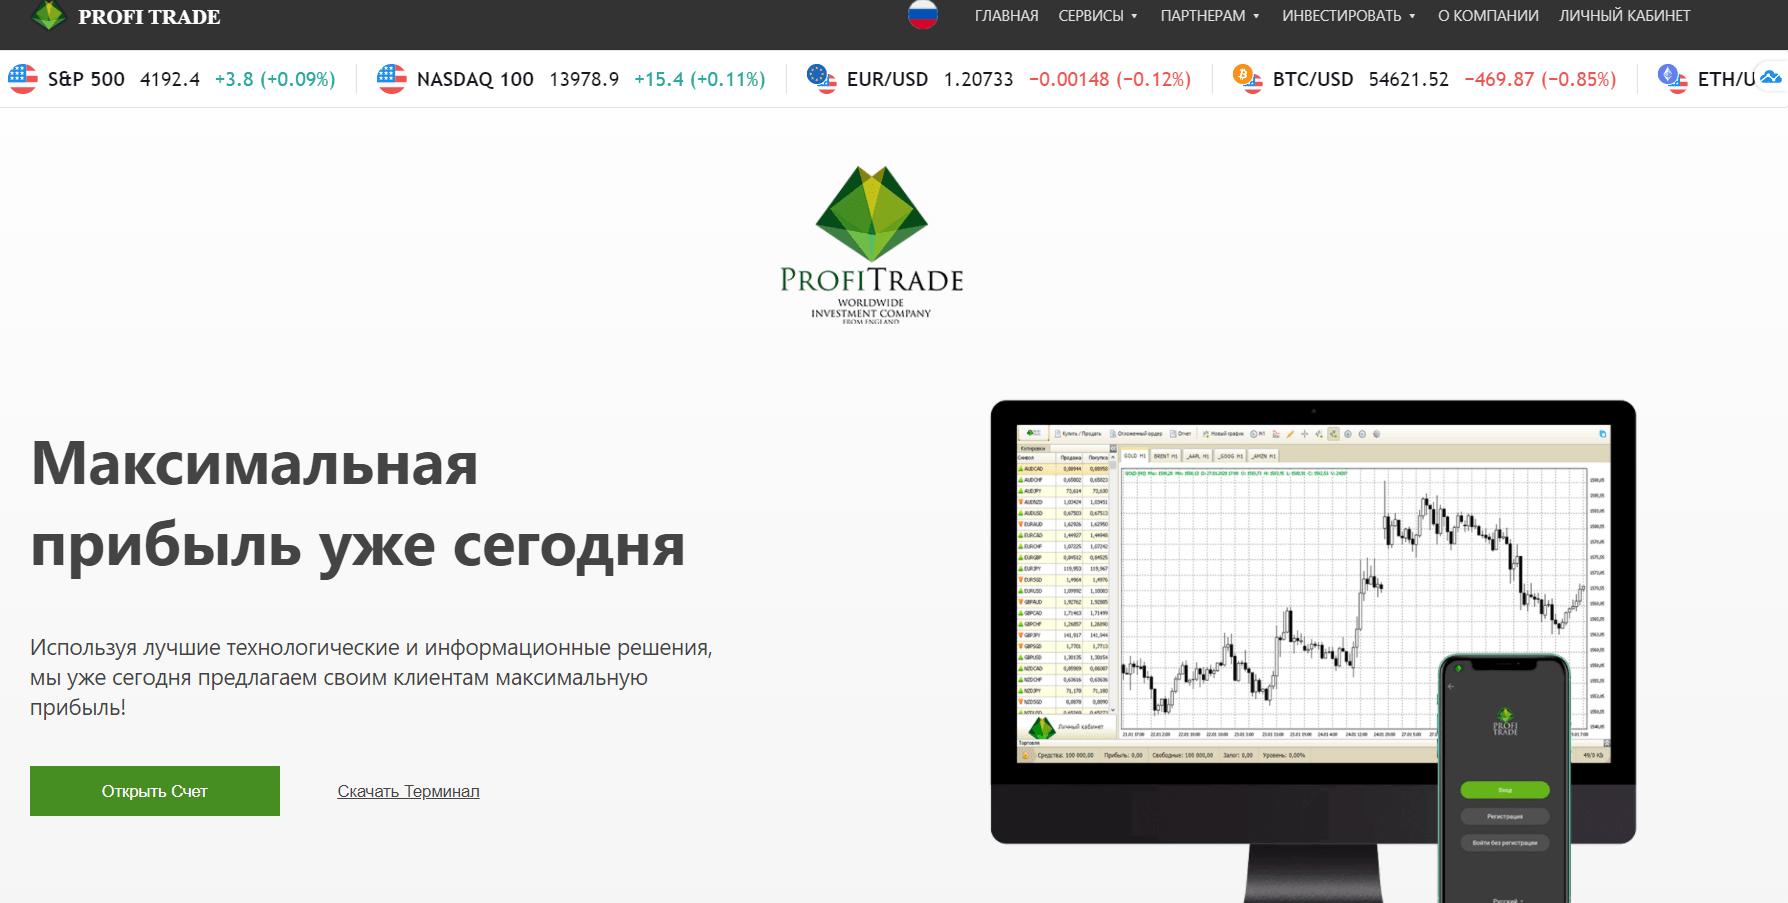 Вся информация о брокерской компании Profi Trade, Фото № 1 - 1-consult.net